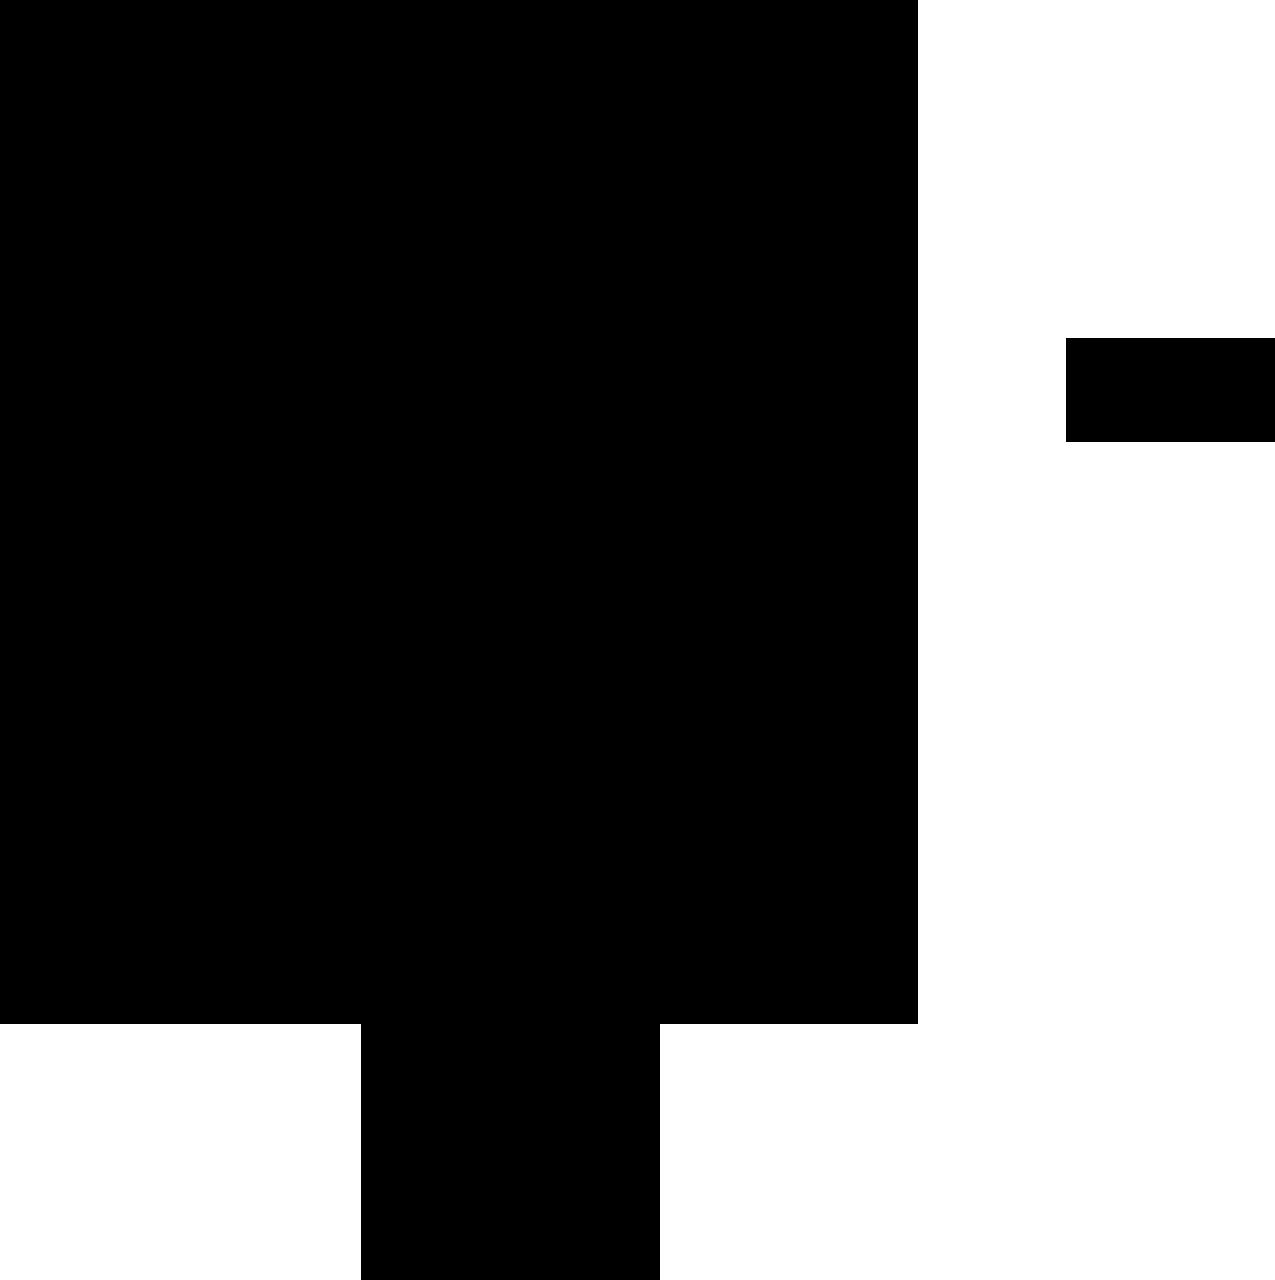 Birne-Weiss5832ee3f51a60